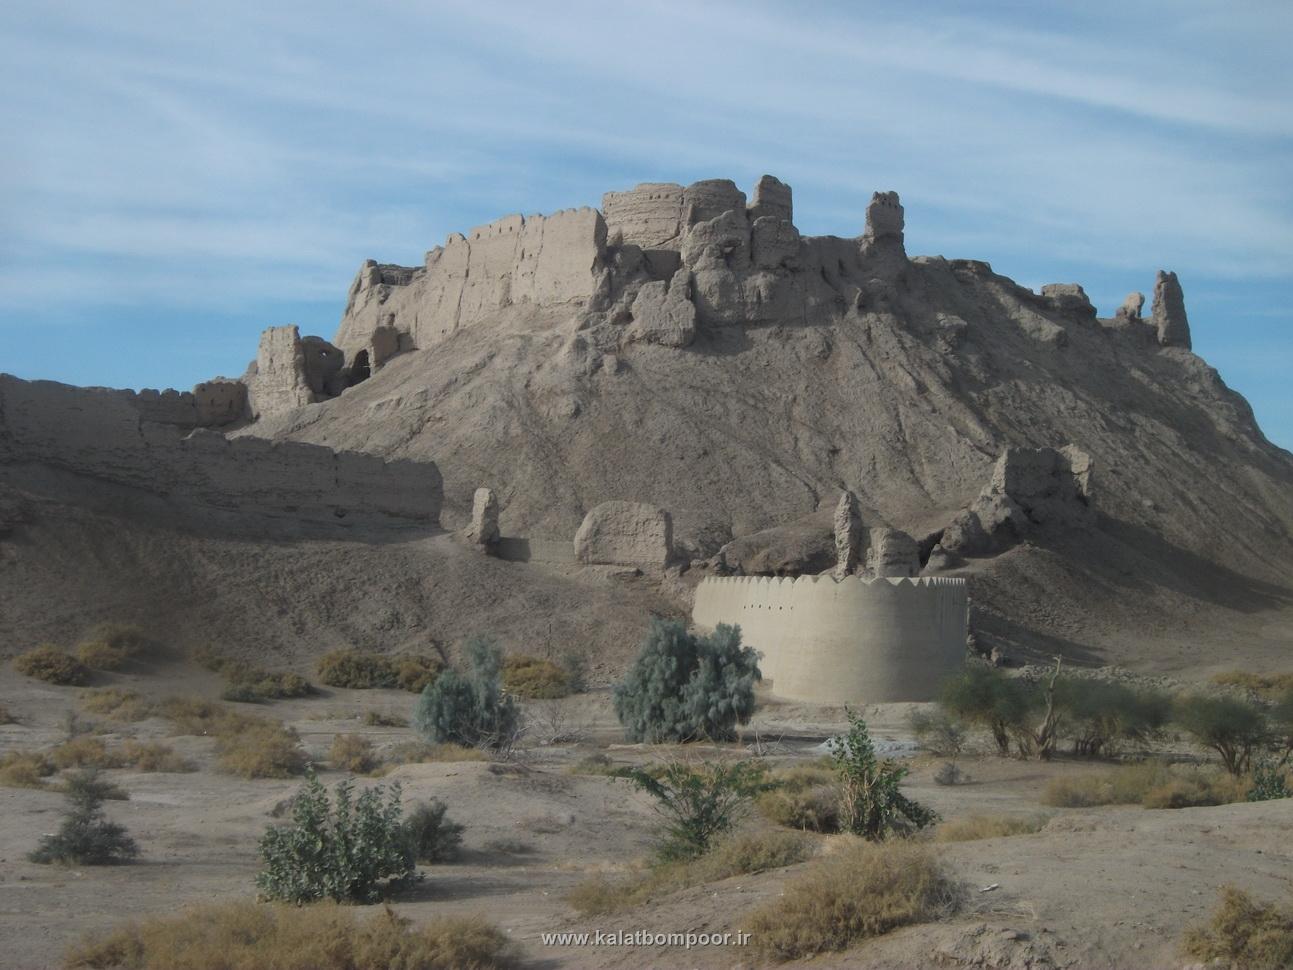 قلعه تاریخی بمپور به روایتی دیگر